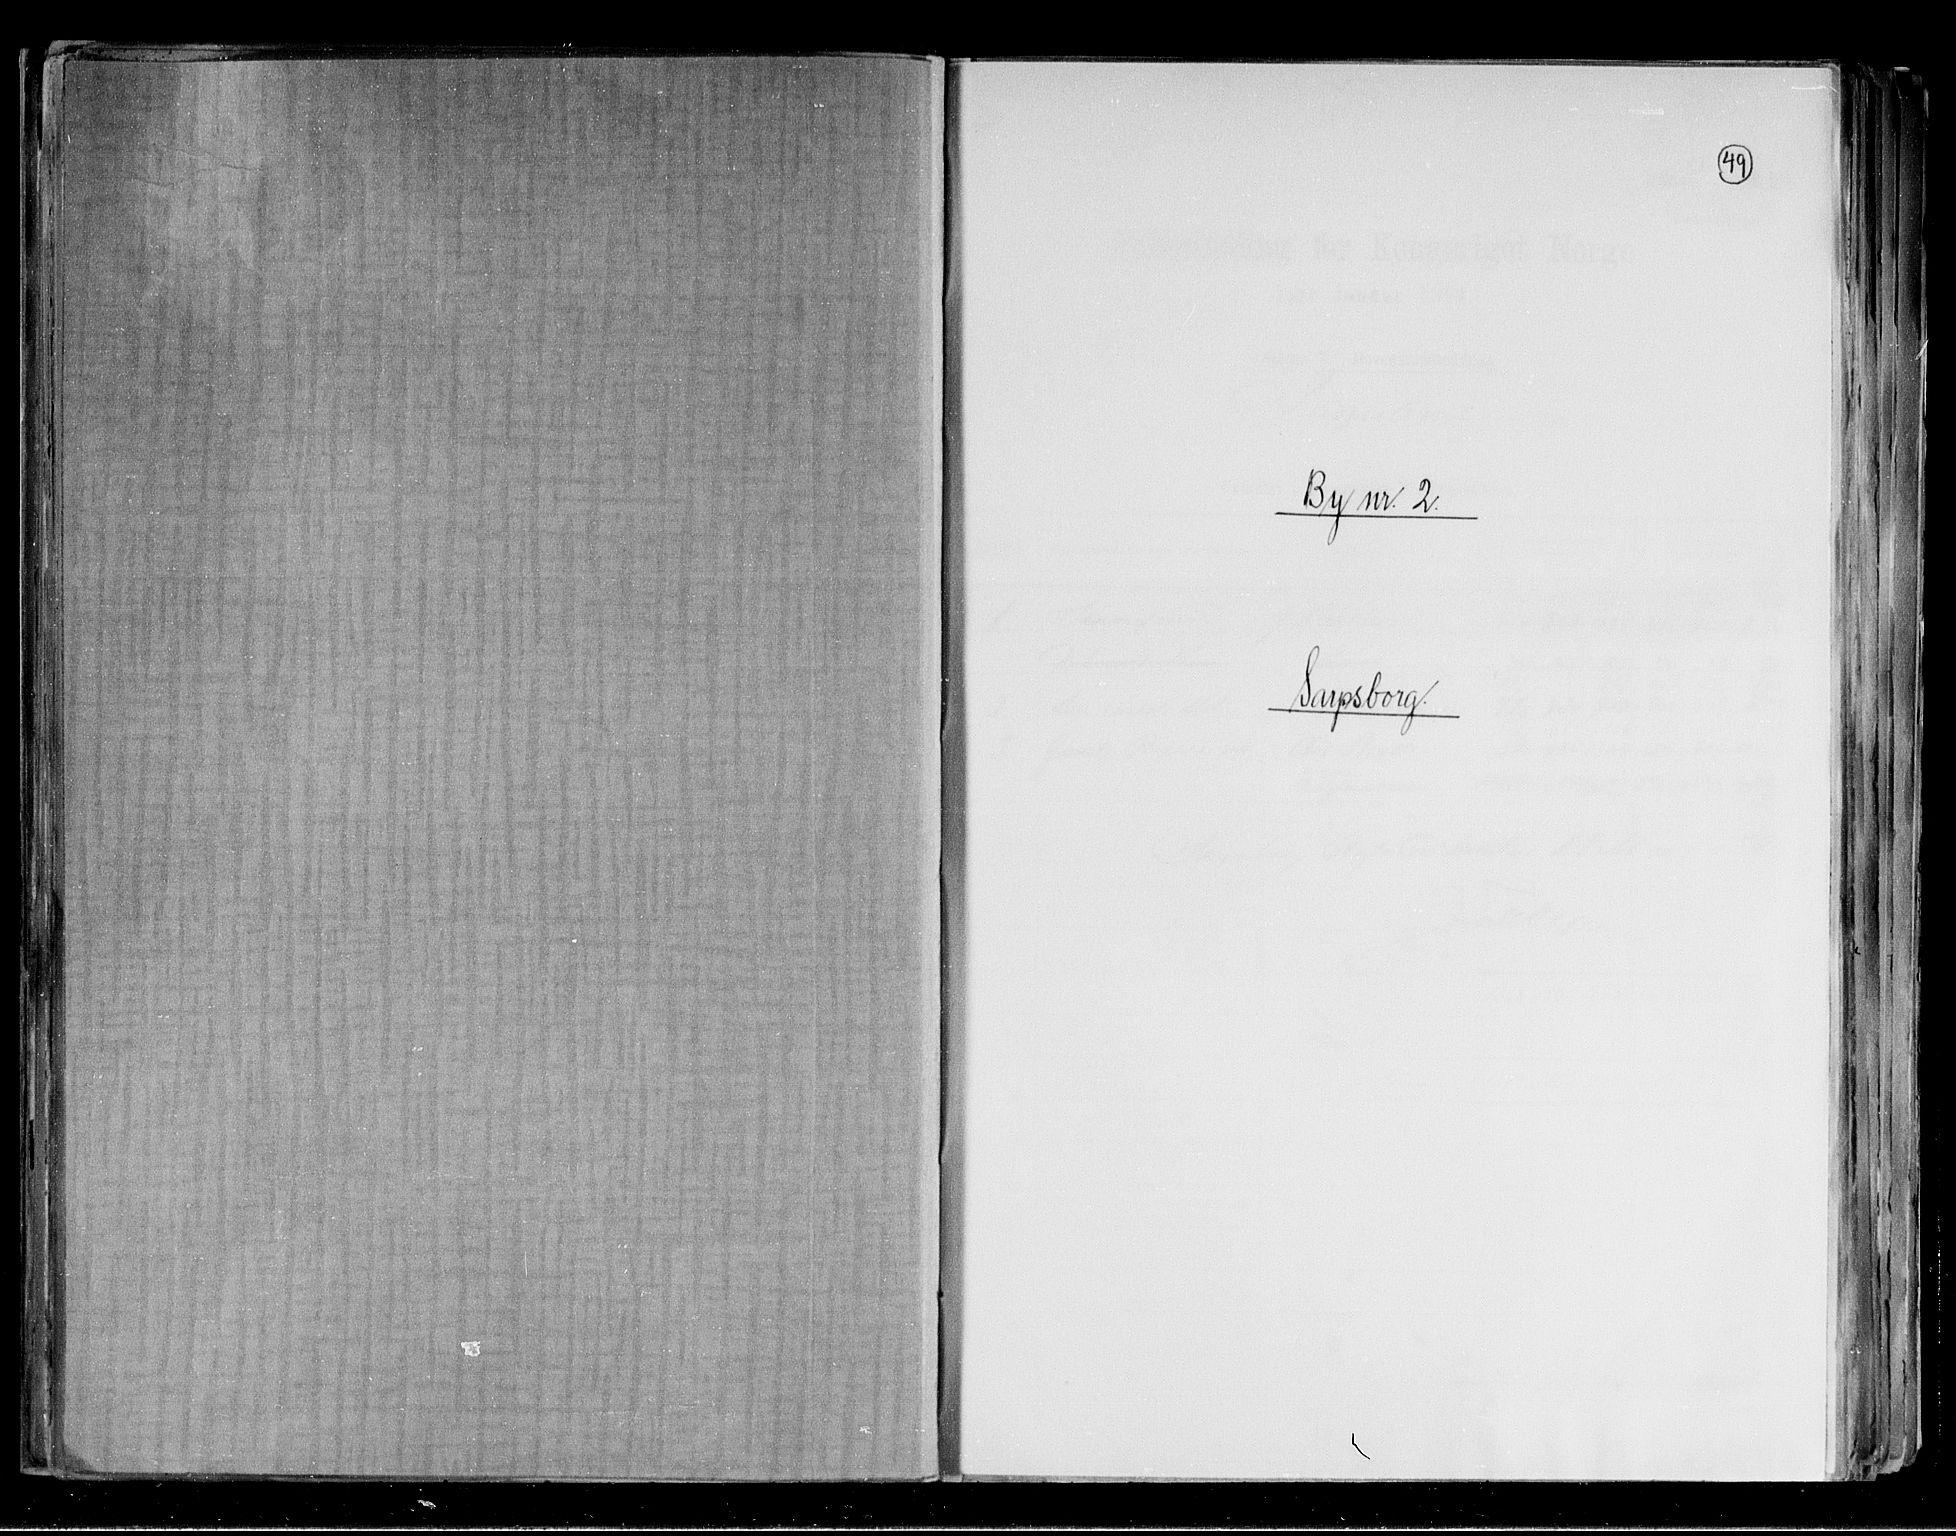 RA, Folketelling 1891 for 0102 Sarpsborg kjøpstad, 1891, s. 1